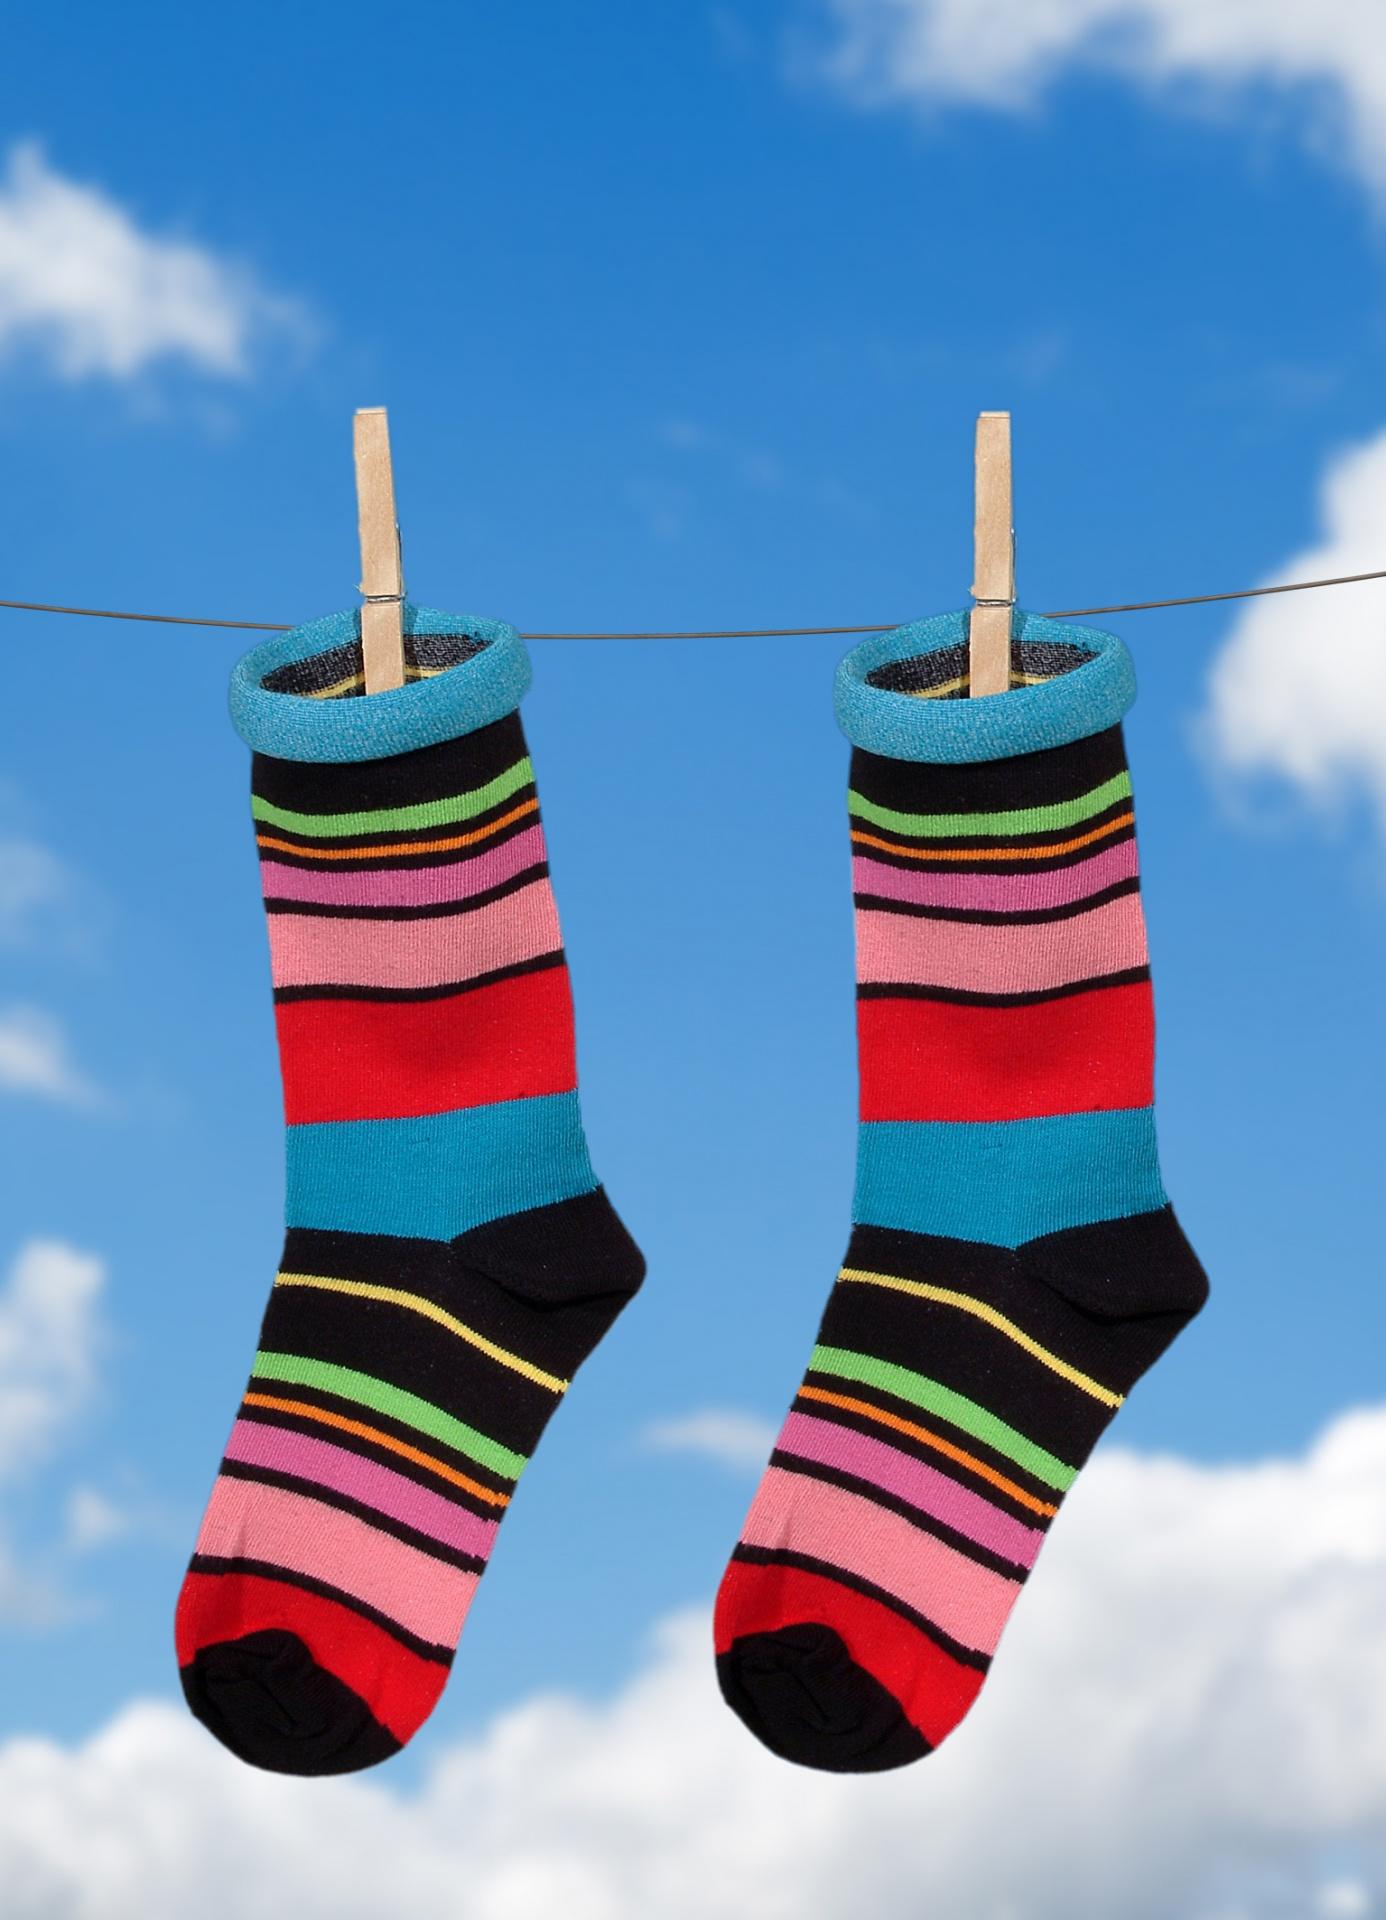 Image result for hanging socks